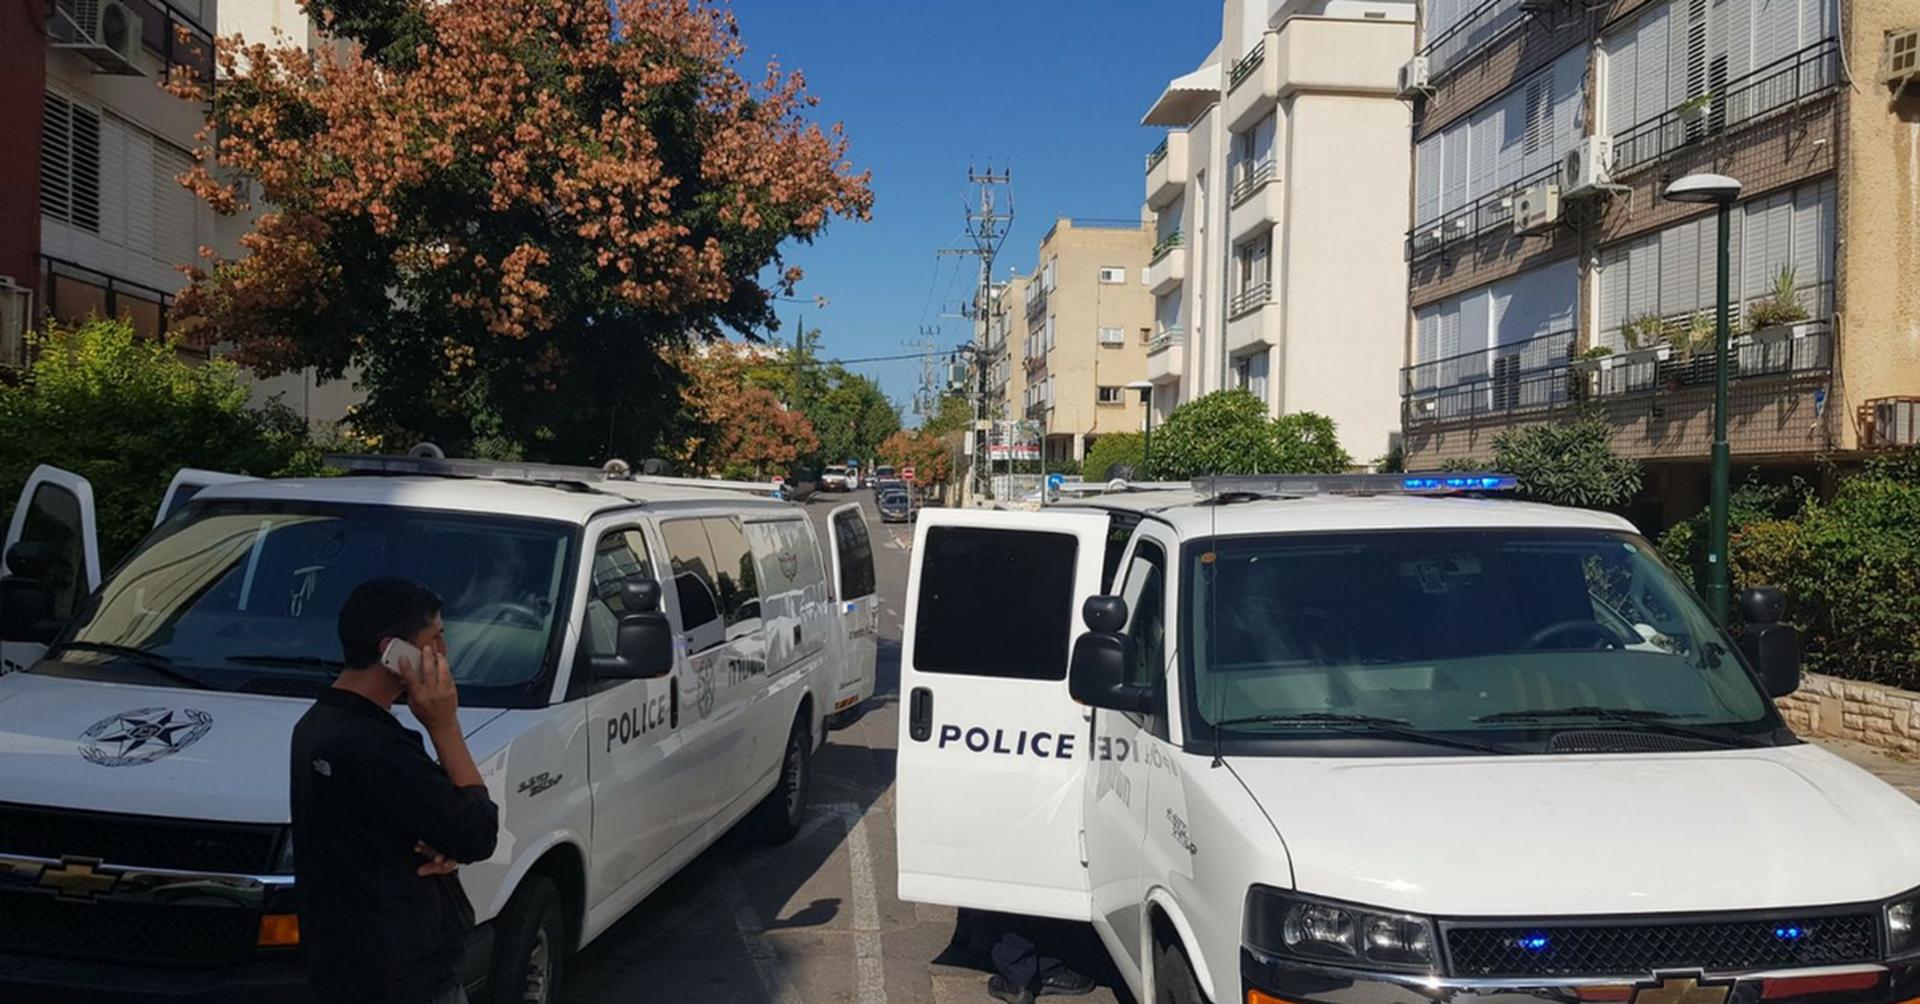 כוחות משטרה בזירה   צילום: משטרת ישראל